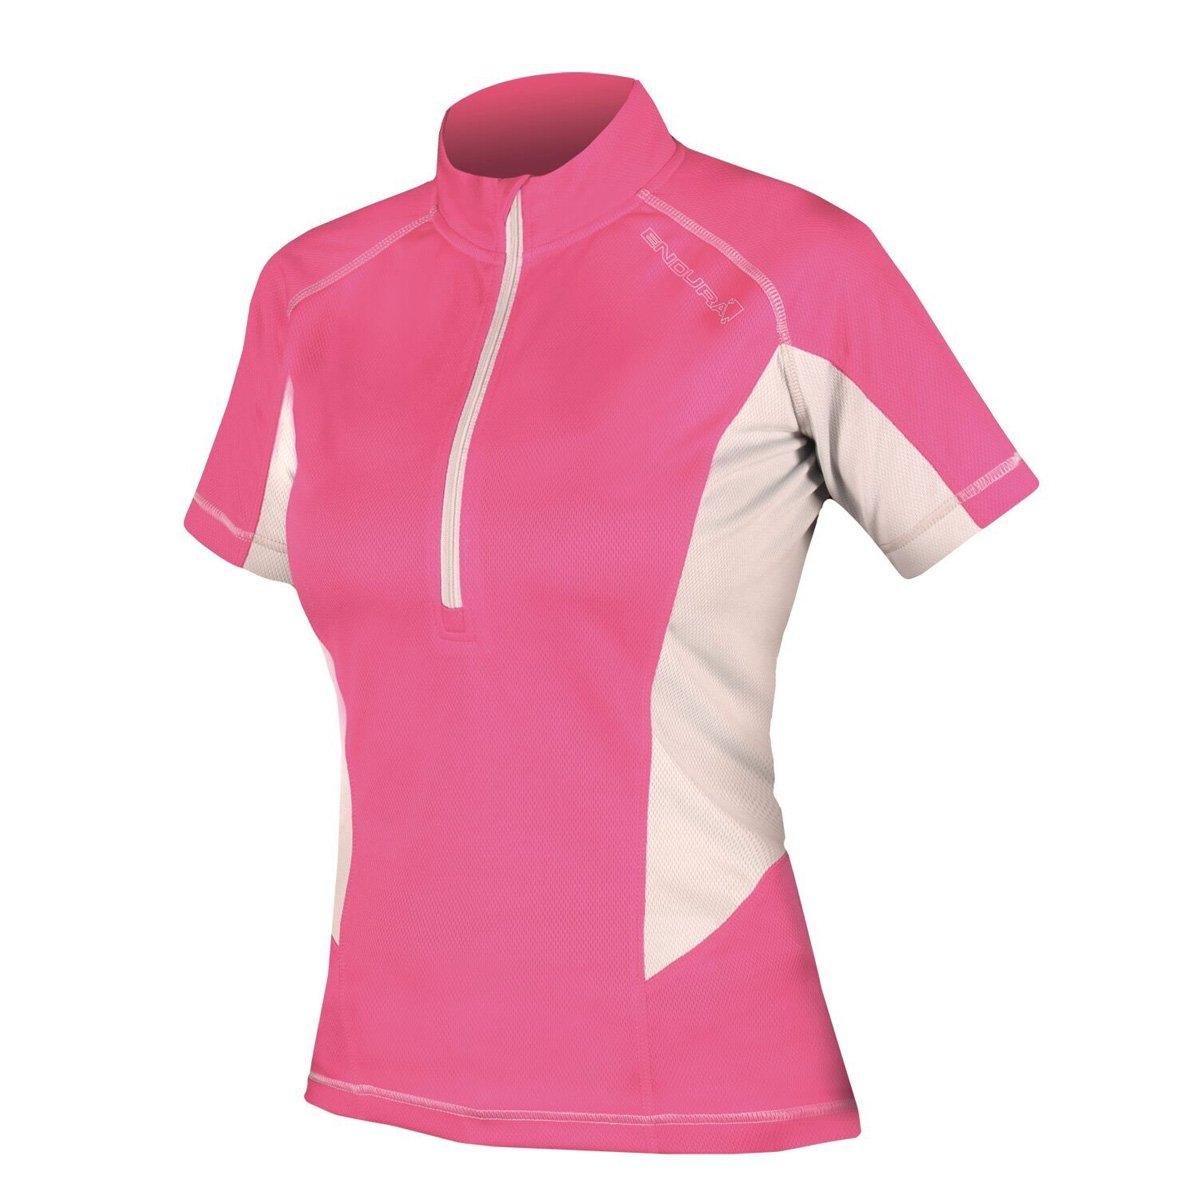 Endura Womens Pulse Short Sleeve Cycling Jersey B018FP0HI6 Small スリーズ スリーズ Small